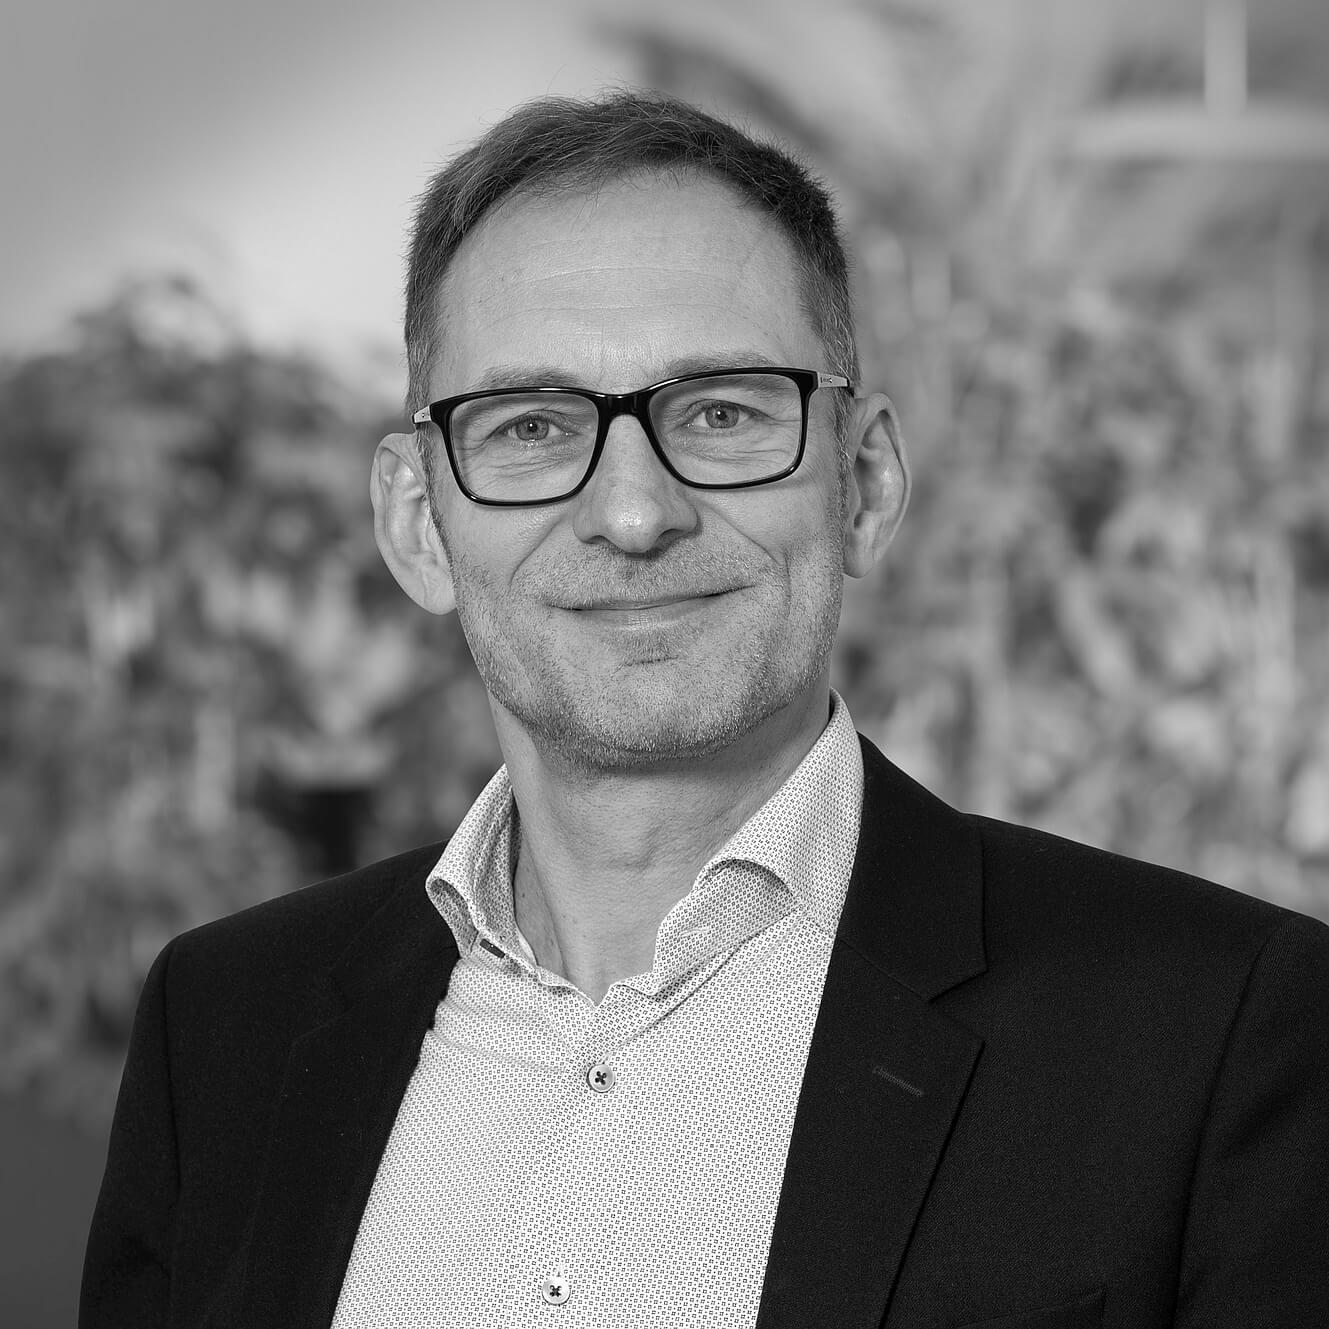 Bent Ole Nørregaard